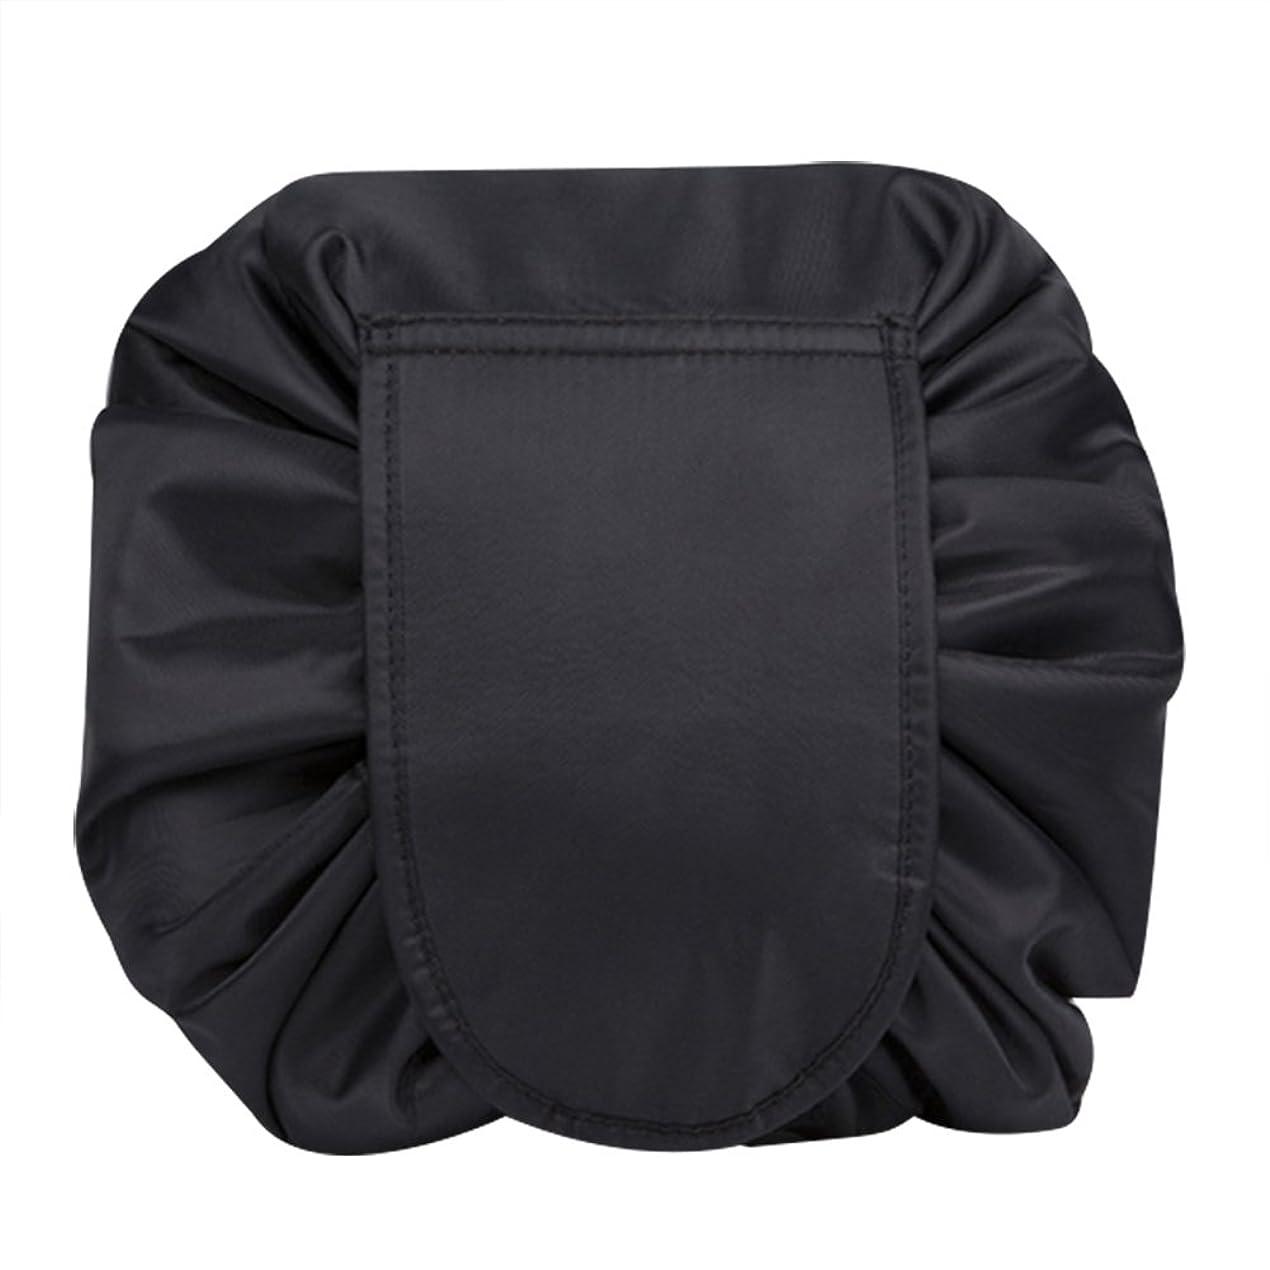 旅客性交不完全なマジックポーチ 化粧バッグ 化粧ポーチ レイジー化粧バッグ トラベルバッグ メイクバッグ 容量大きい ブラック